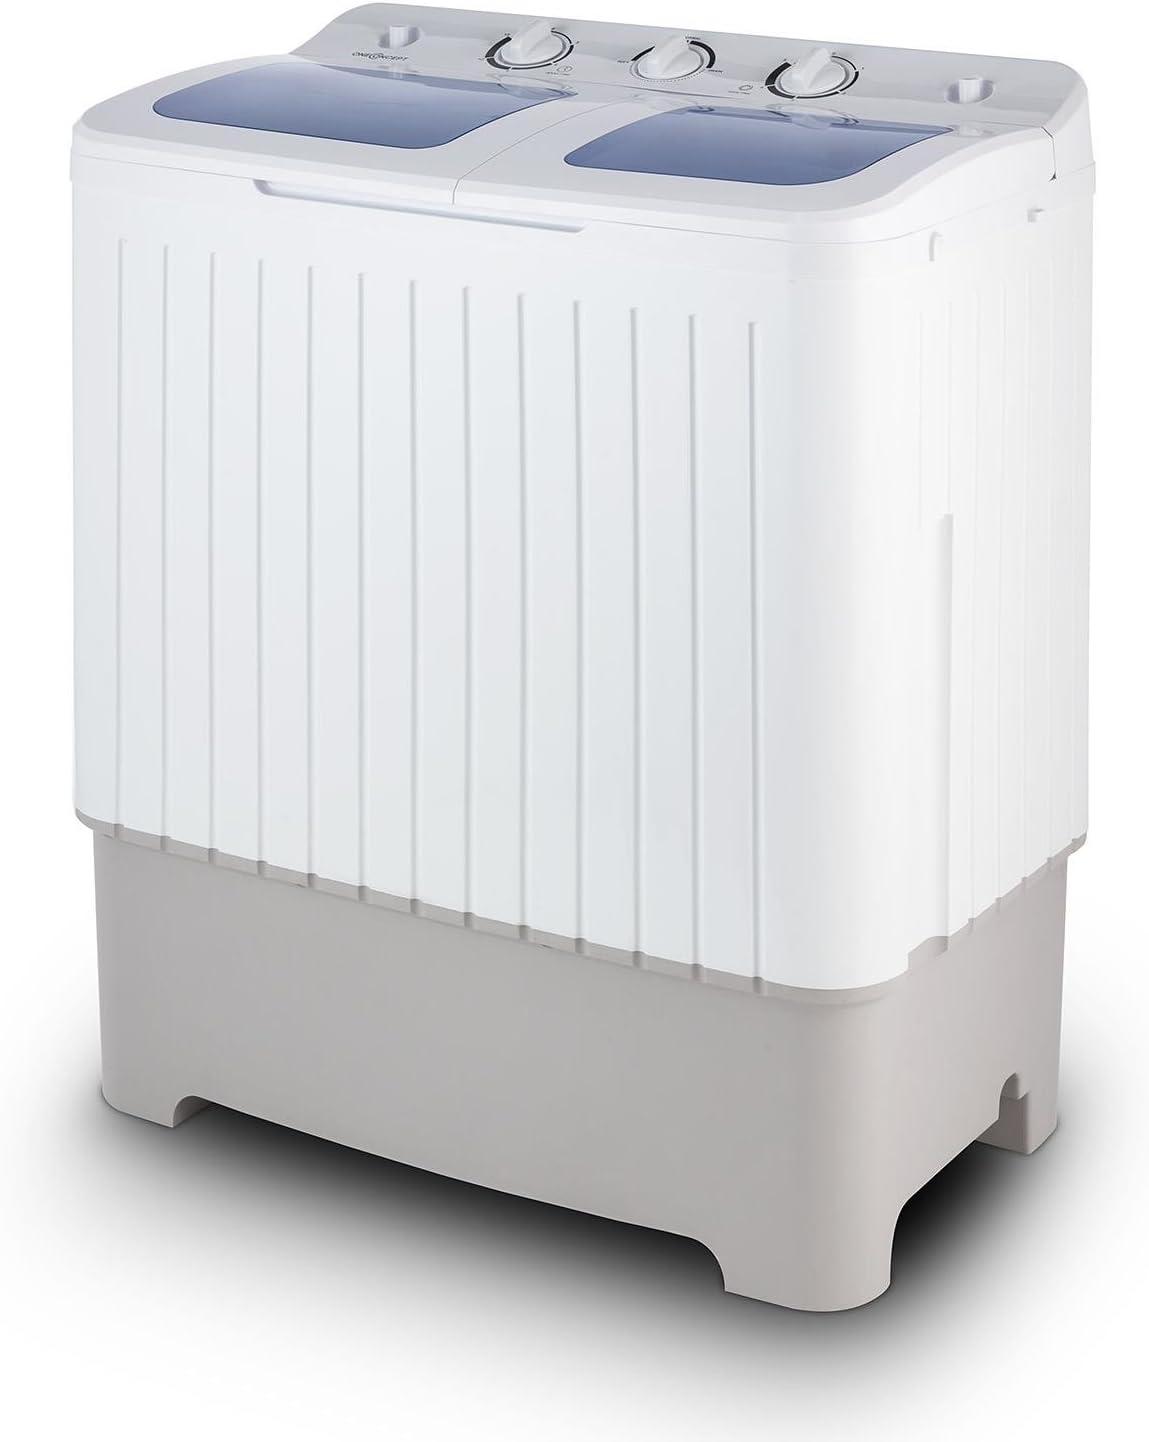 Oneconcept Ecowash XXL - Lavadora Capacidad 6.8 kg, Centrifugadora Capacidad 5.2 kg, Carga Superior, Potencia 400 W, Potencia centrífuga 150 W, Ahorro de Agua y energía, Silenciosa, Blanco